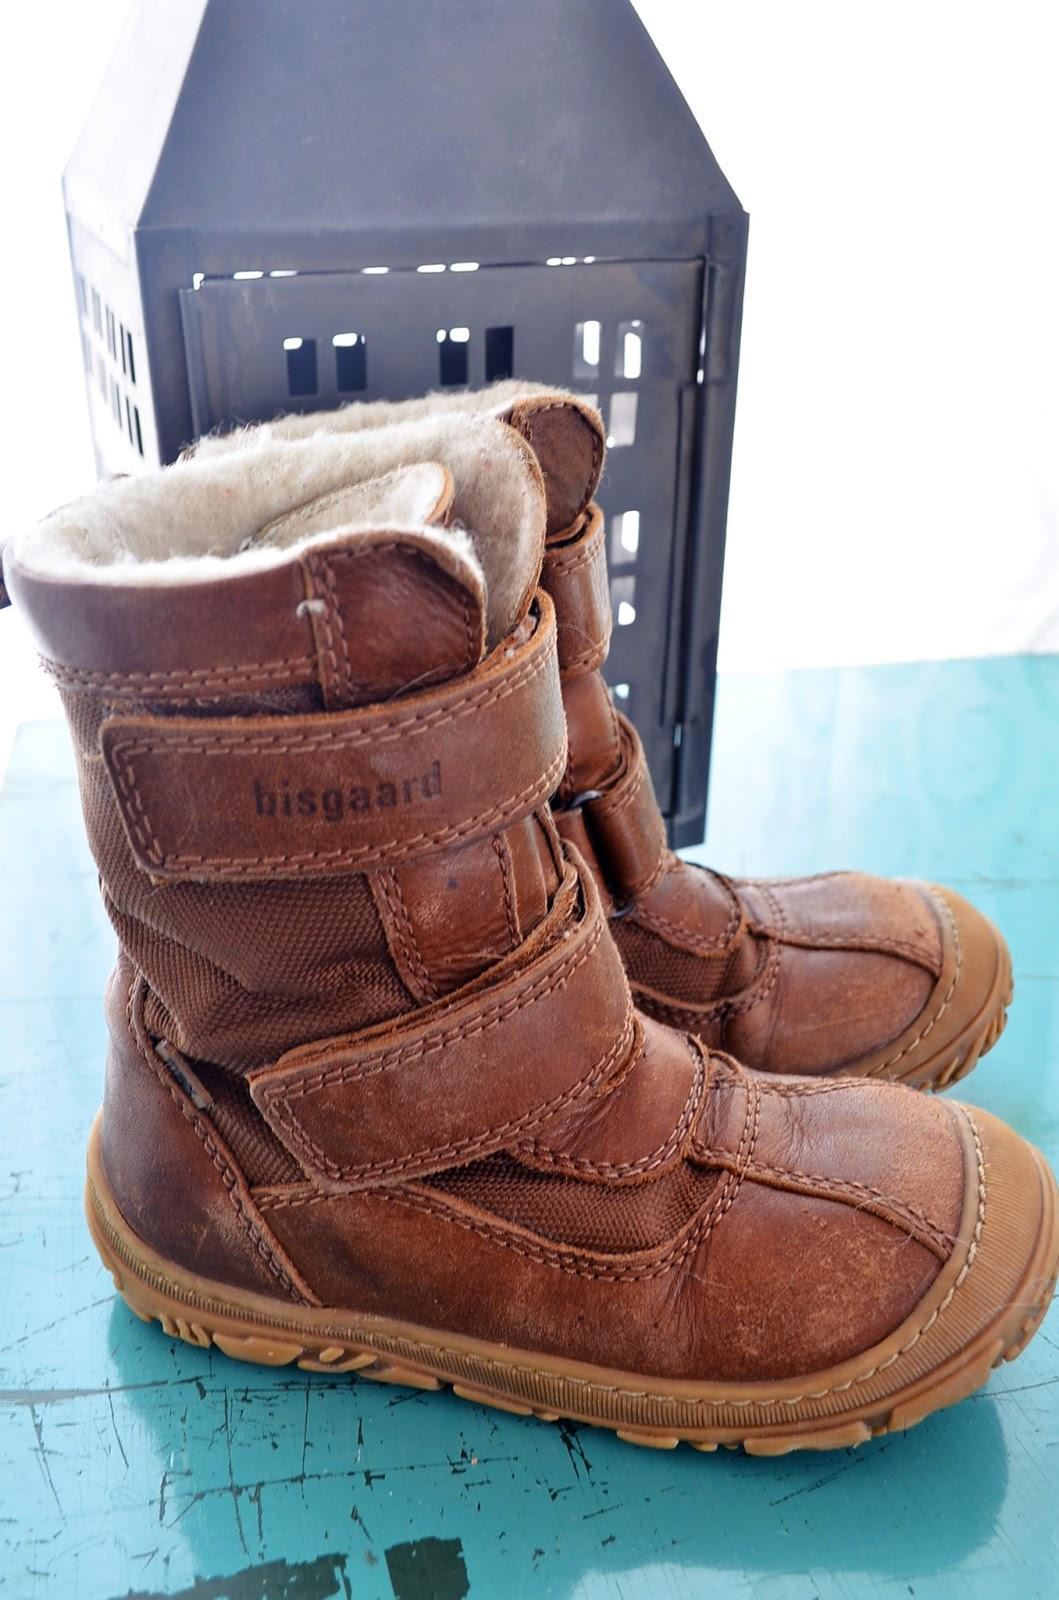 Panttonin Bisgaardin ruskeat Gore Tex kengät olivat hänen ainot talvikengät  tänä vuonna. Kengissä hän oli tarhassa b7d7f72815